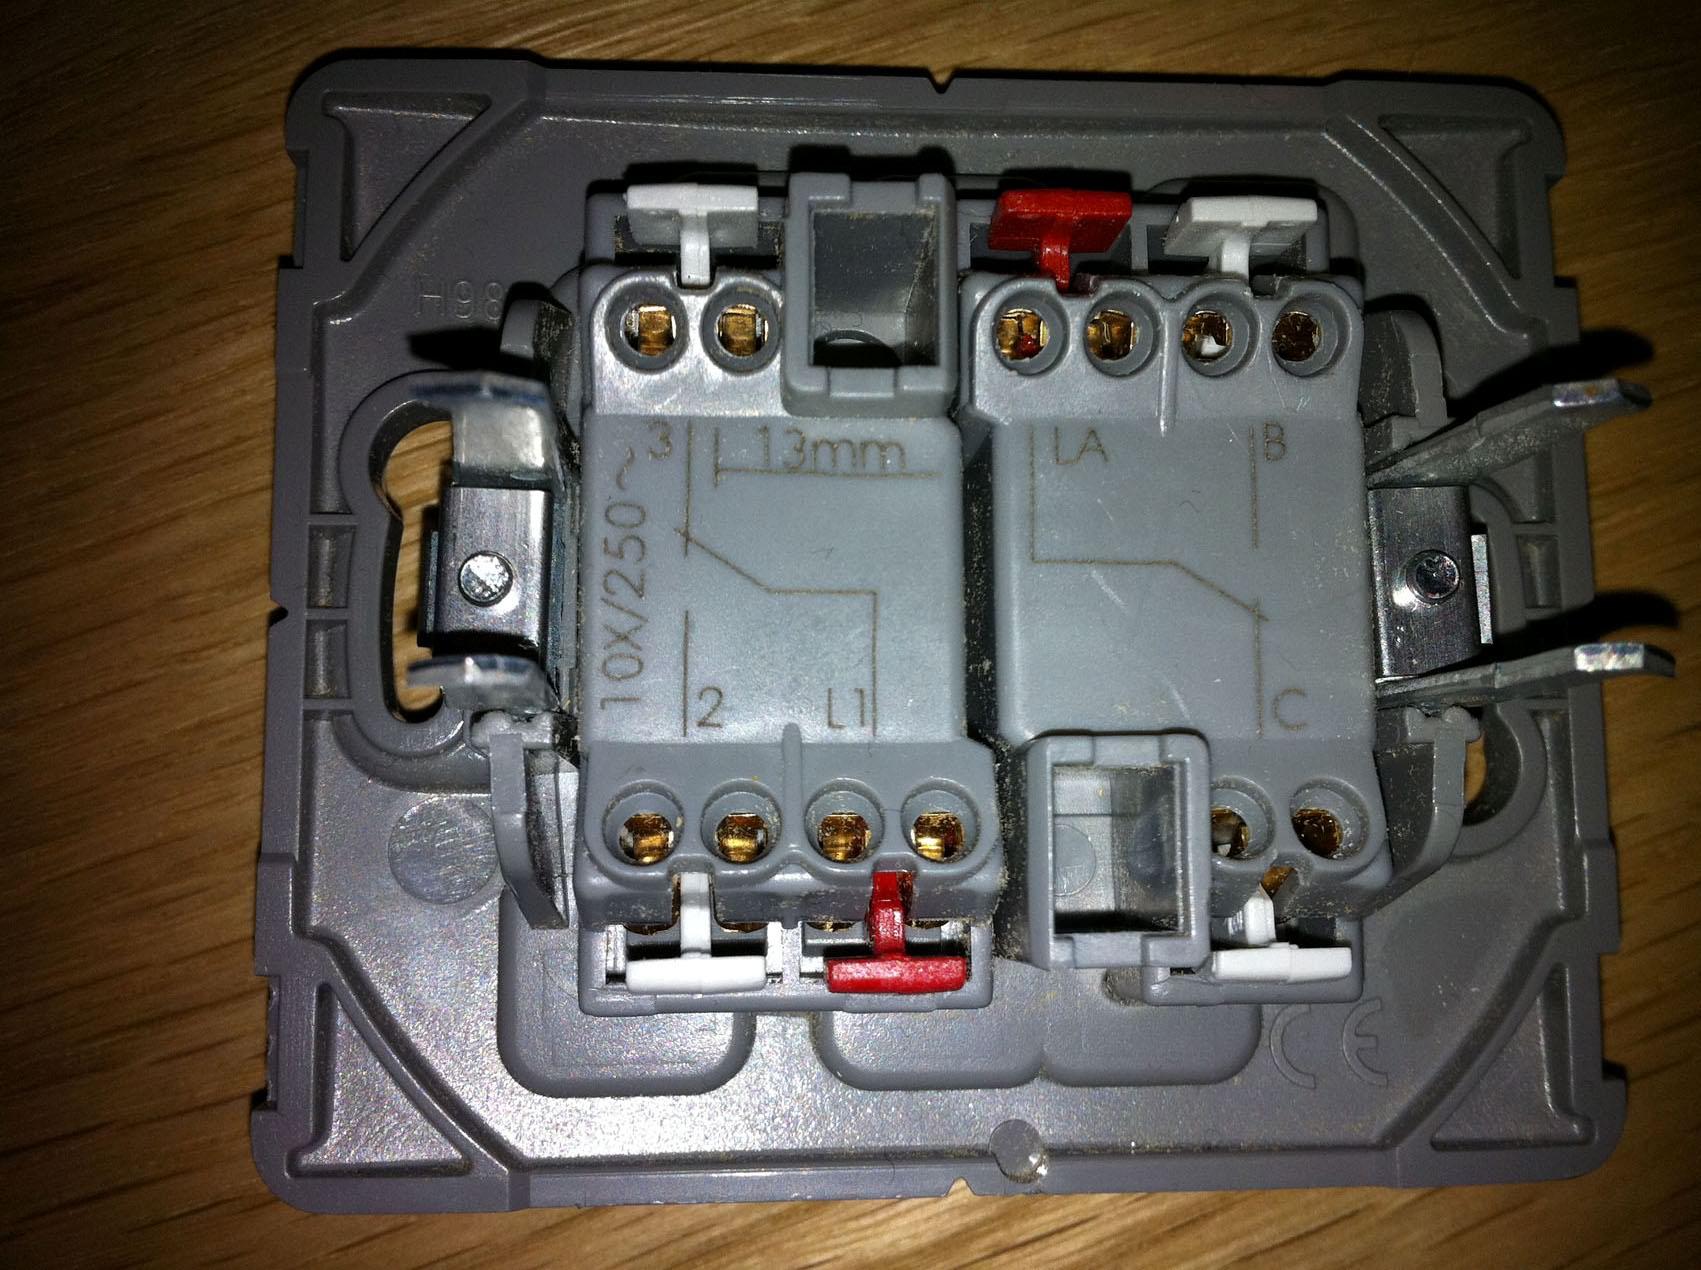 Comment installer un double interrupteur dans une t te de lit - Brancher un interrupteur double ...